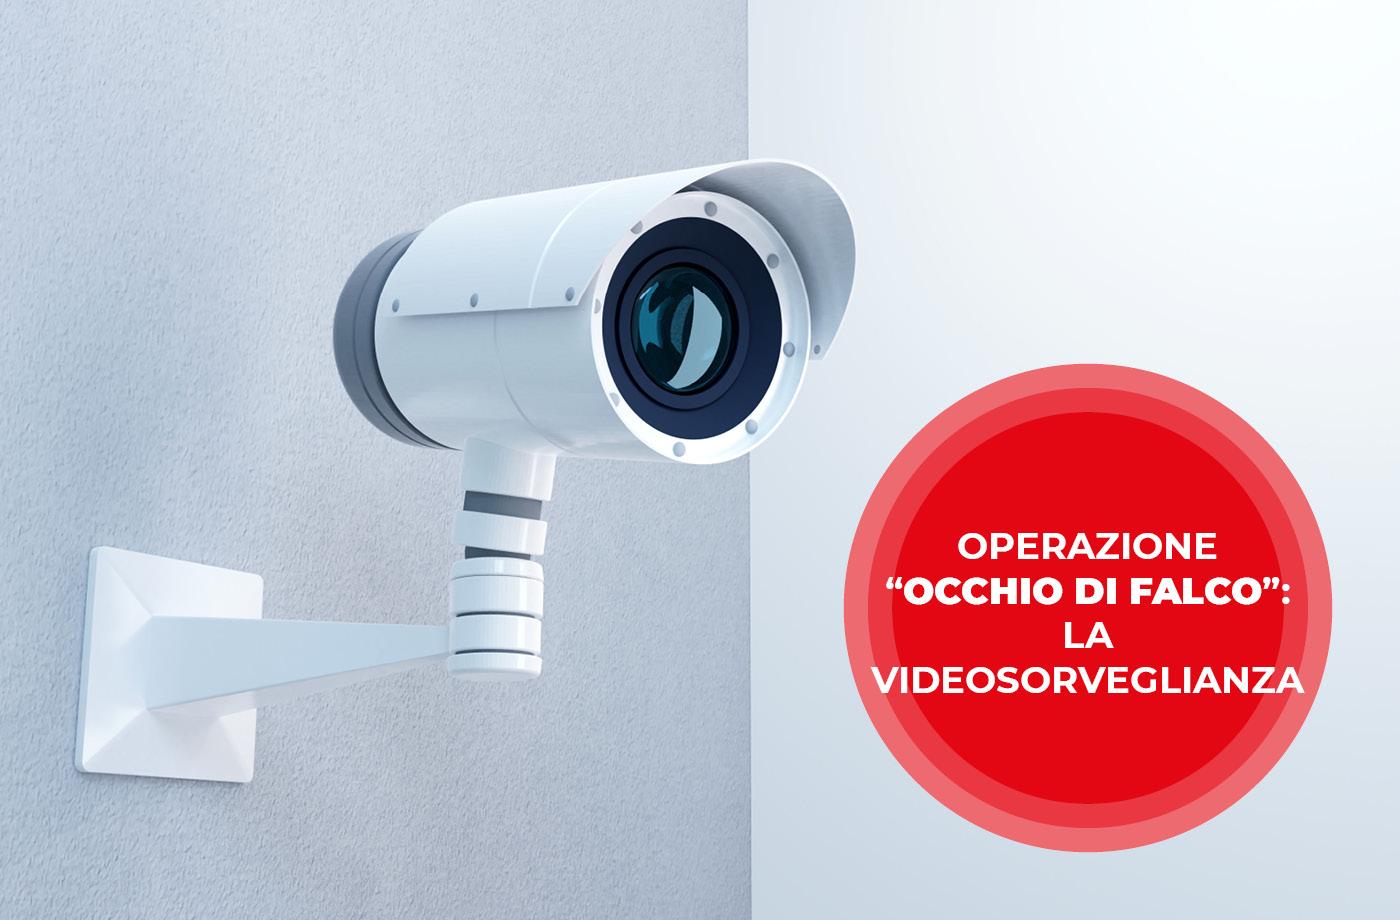 camera di videosorveglianza per la sicurezza aziendale